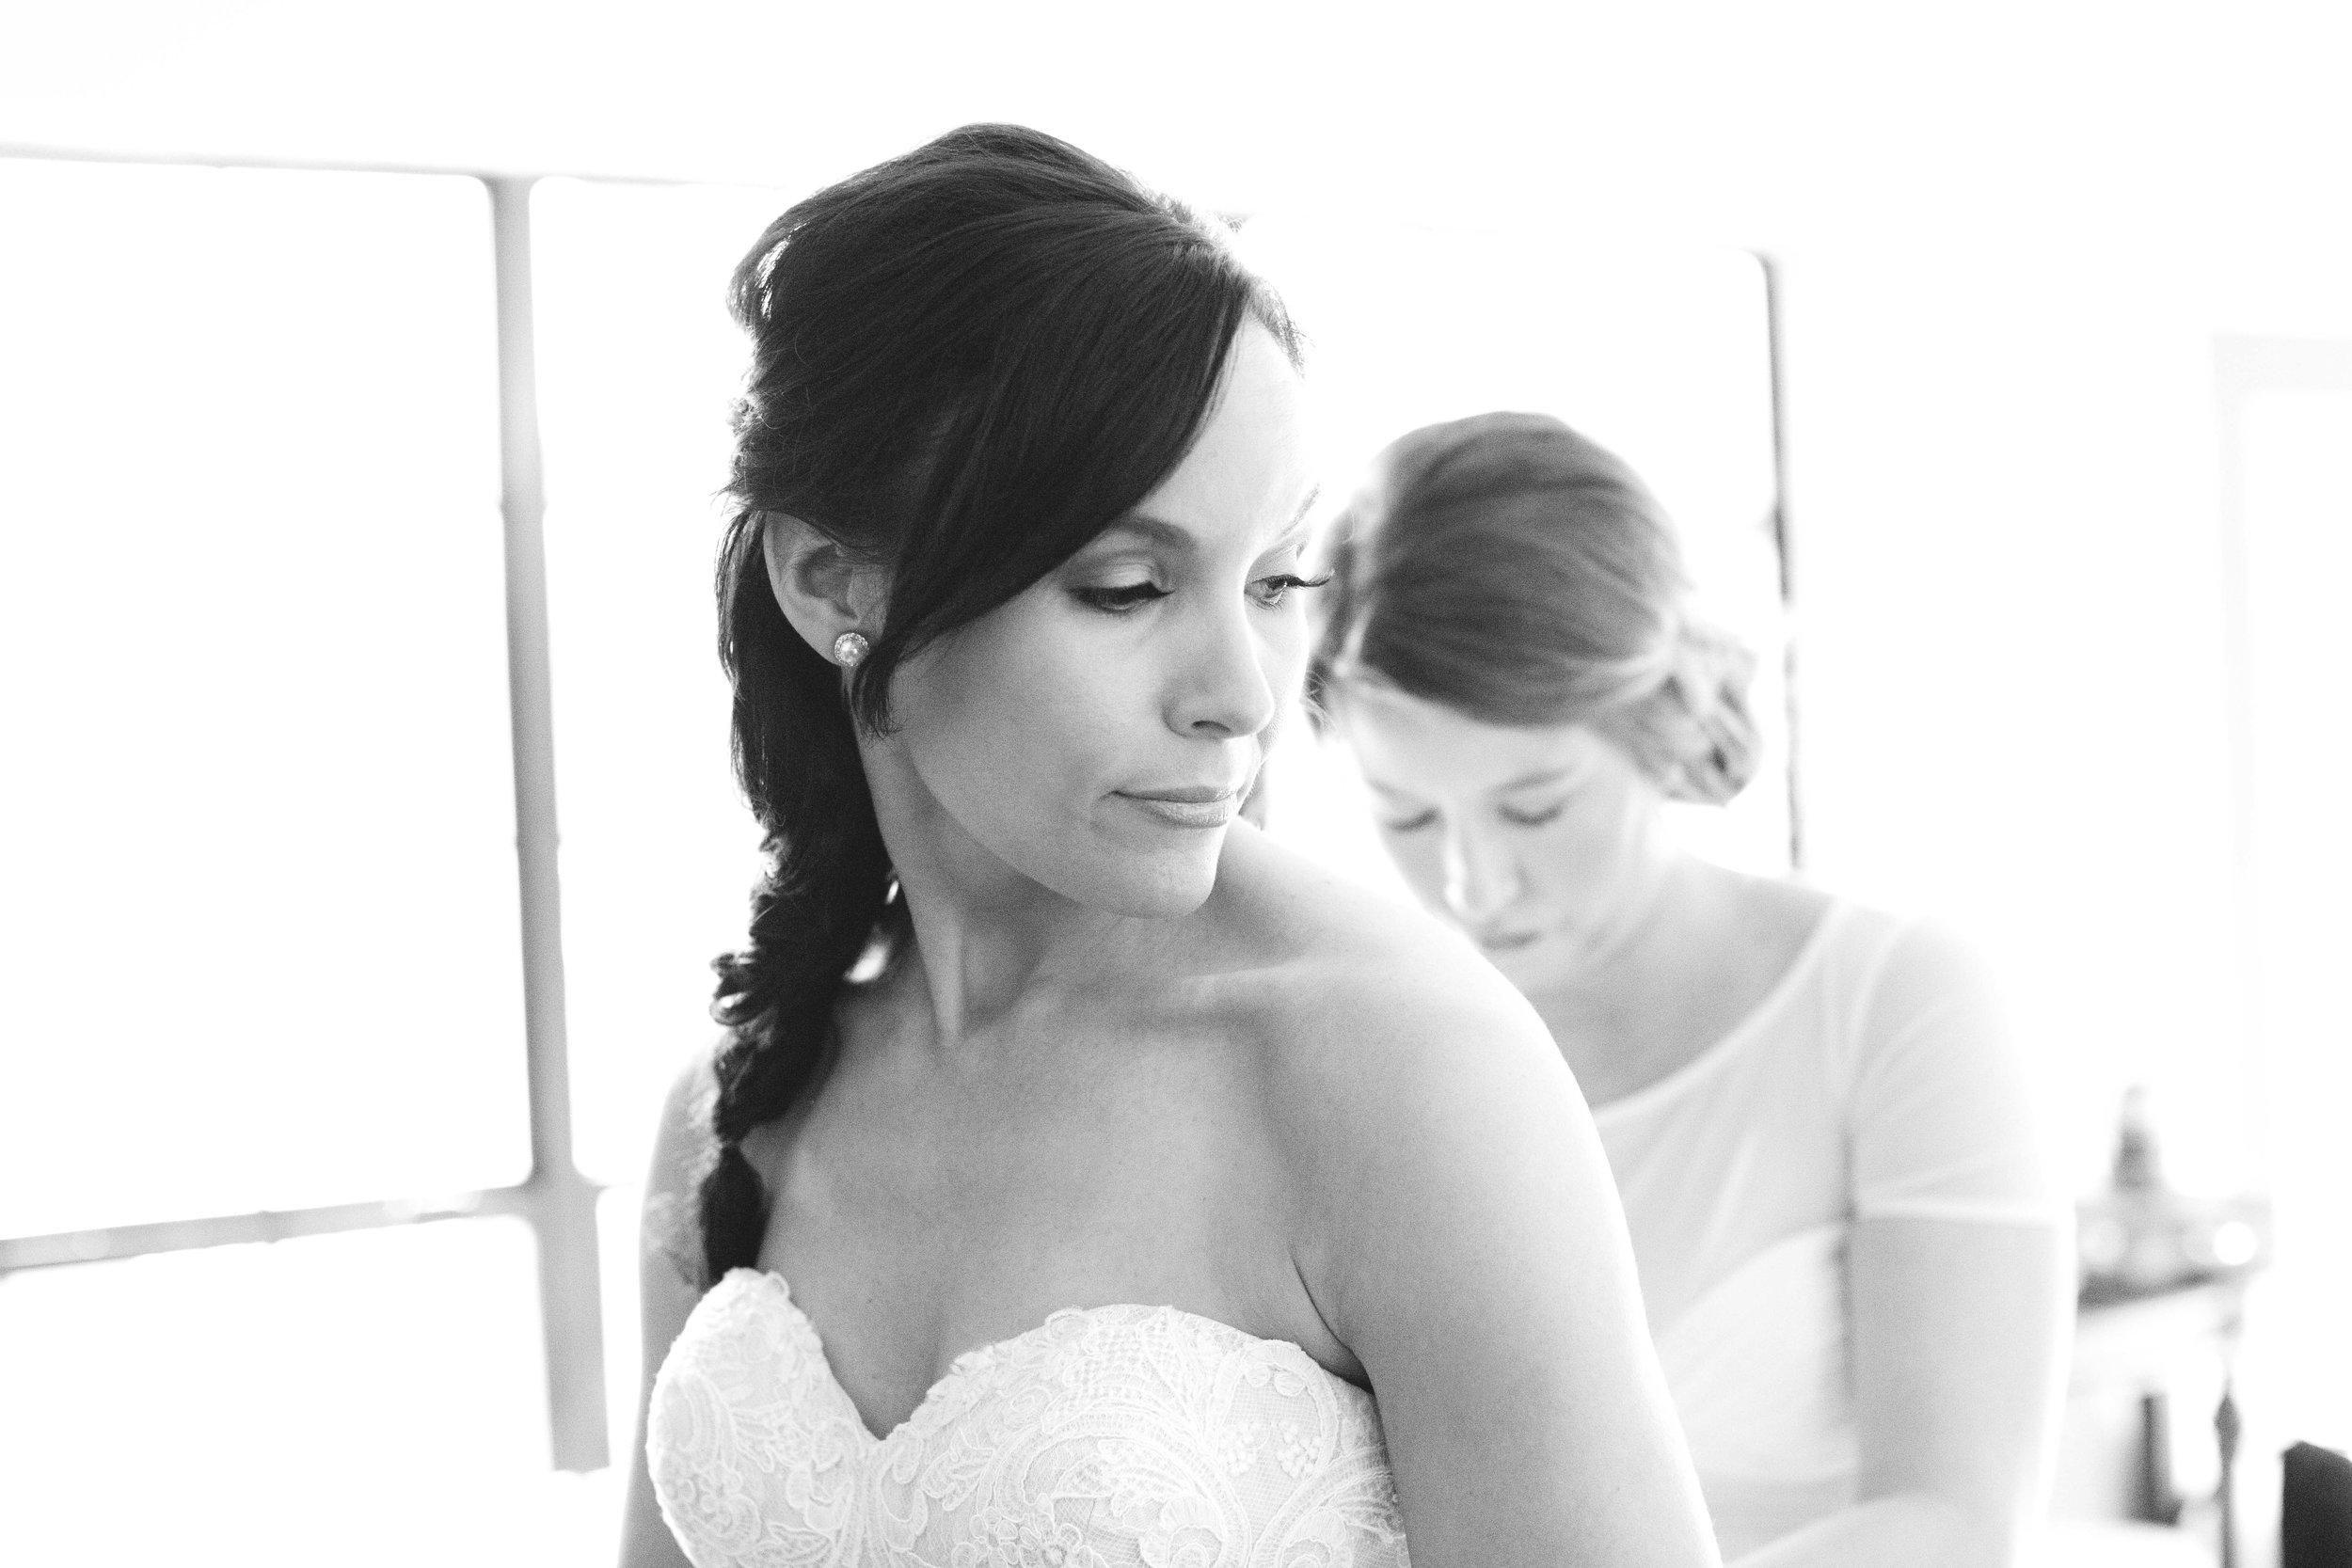 ATGI_Susanna & Matt Wedding_717A7225.jpg